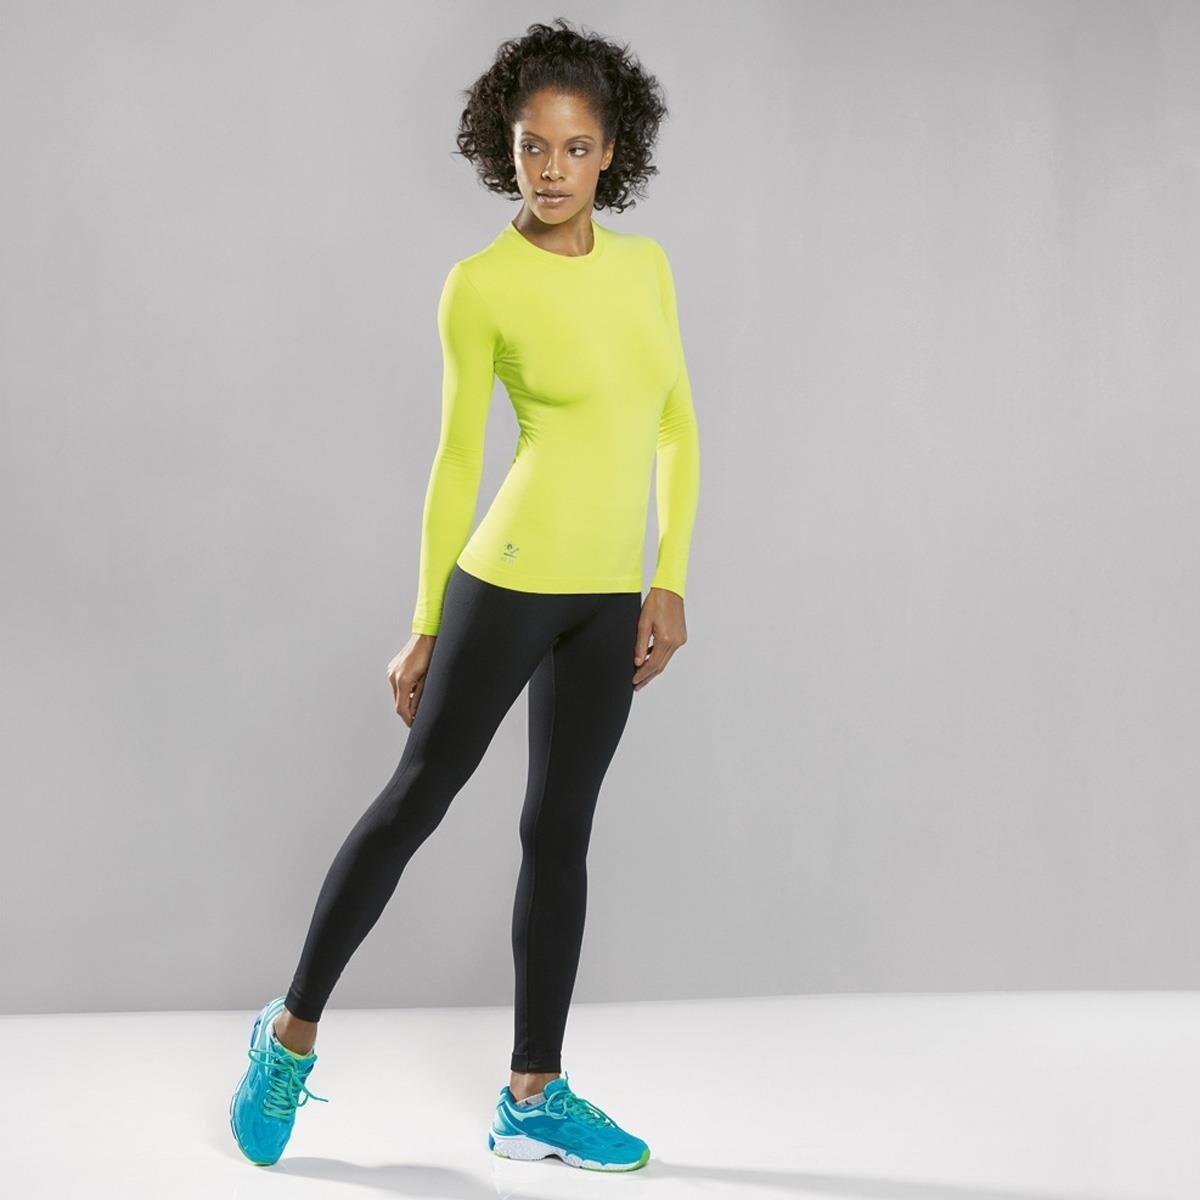 Calça Legging Lupo Sport Com Proteção Uv50+ - Compre Agora  22191595951b0